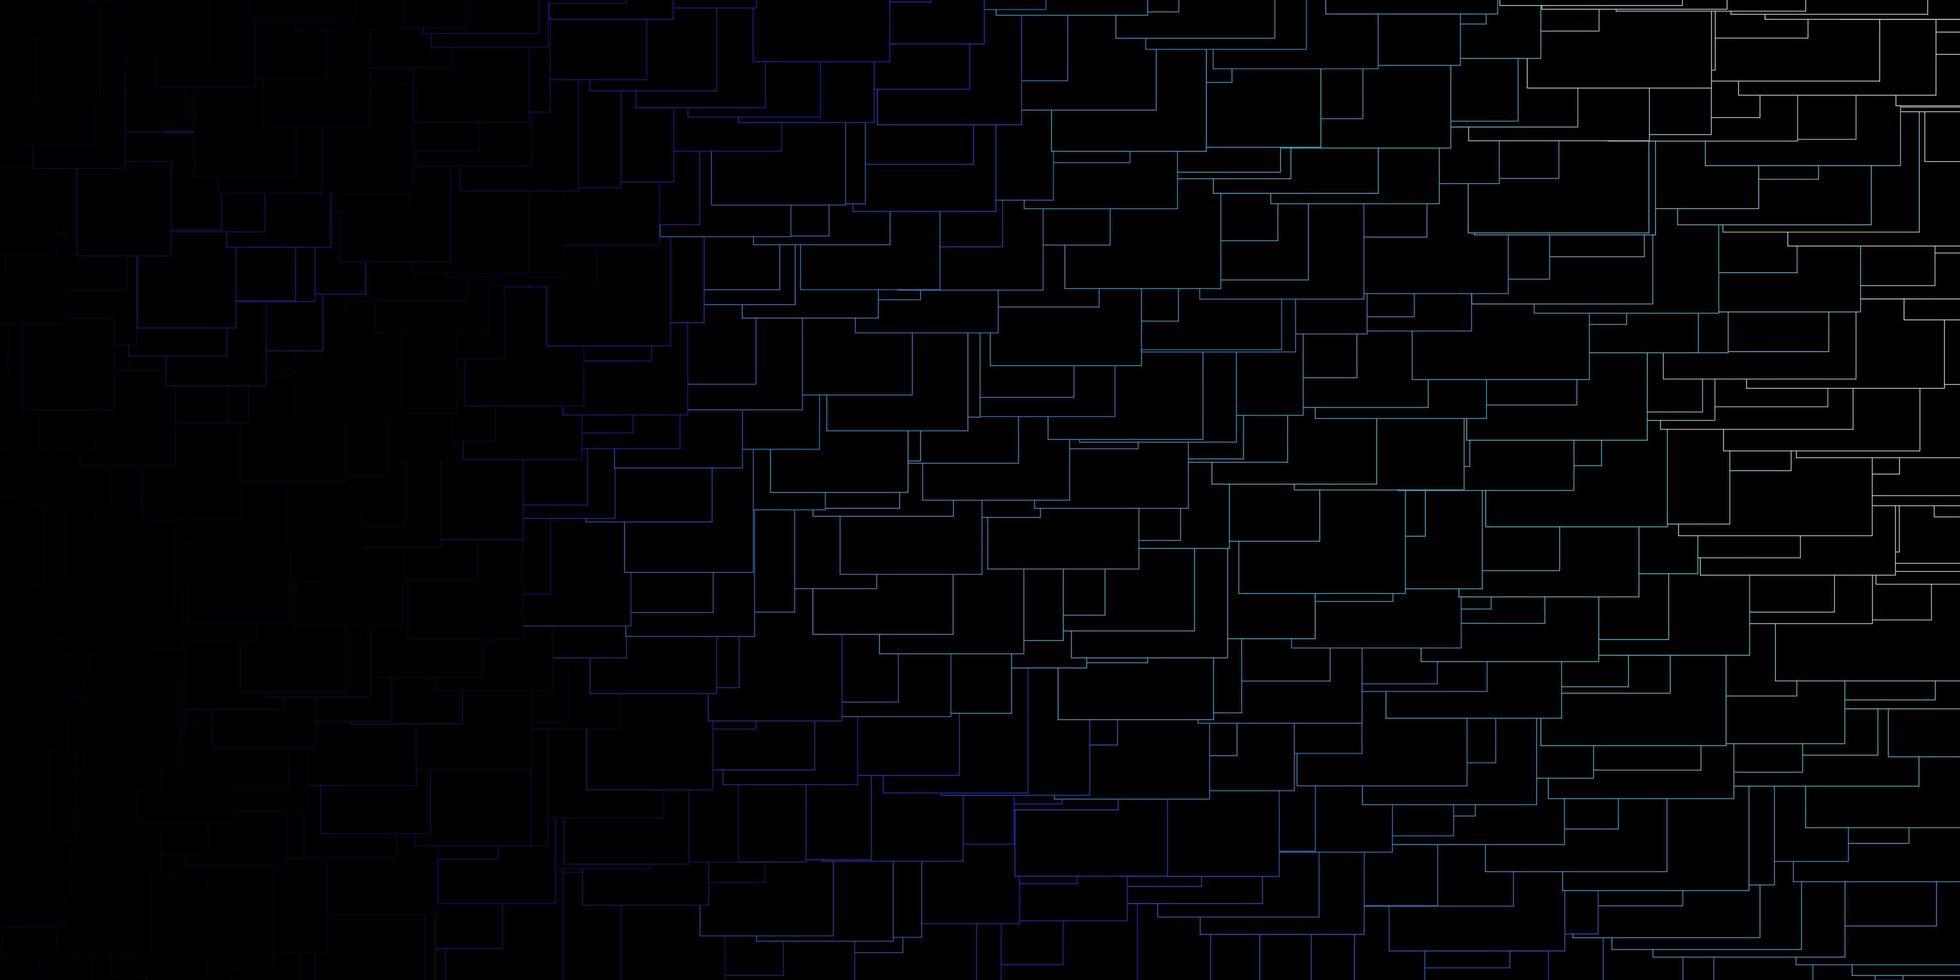 mise en page sombre avec des rectangles bleus. vecteur